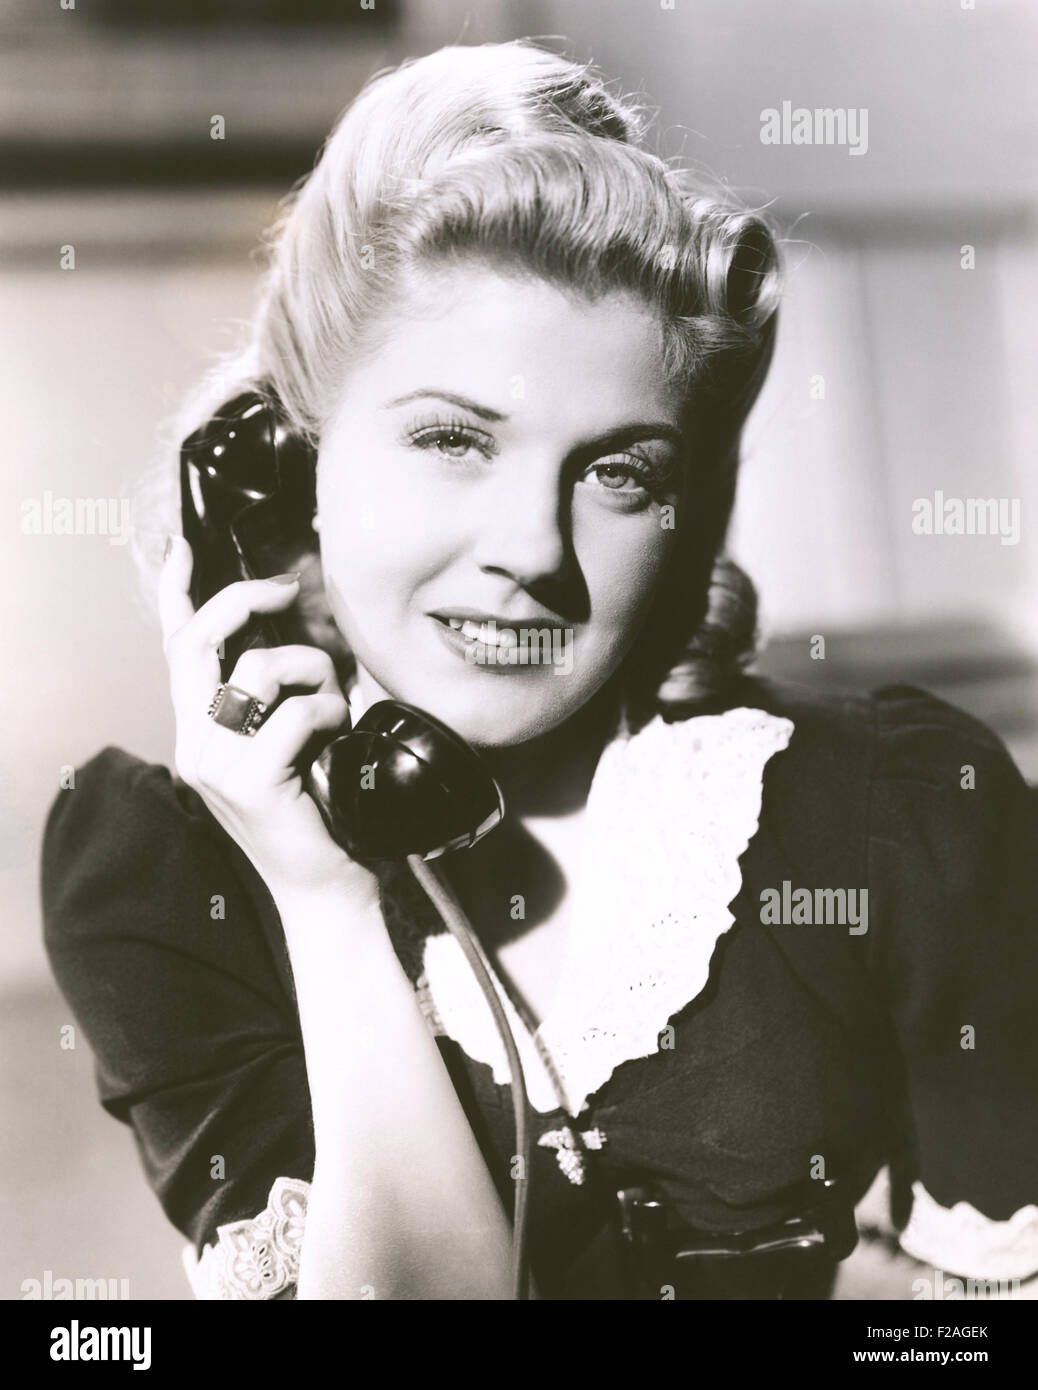 Blonde Frau hält Telefonhörer (OLVI008_OU144_F) Stockbild